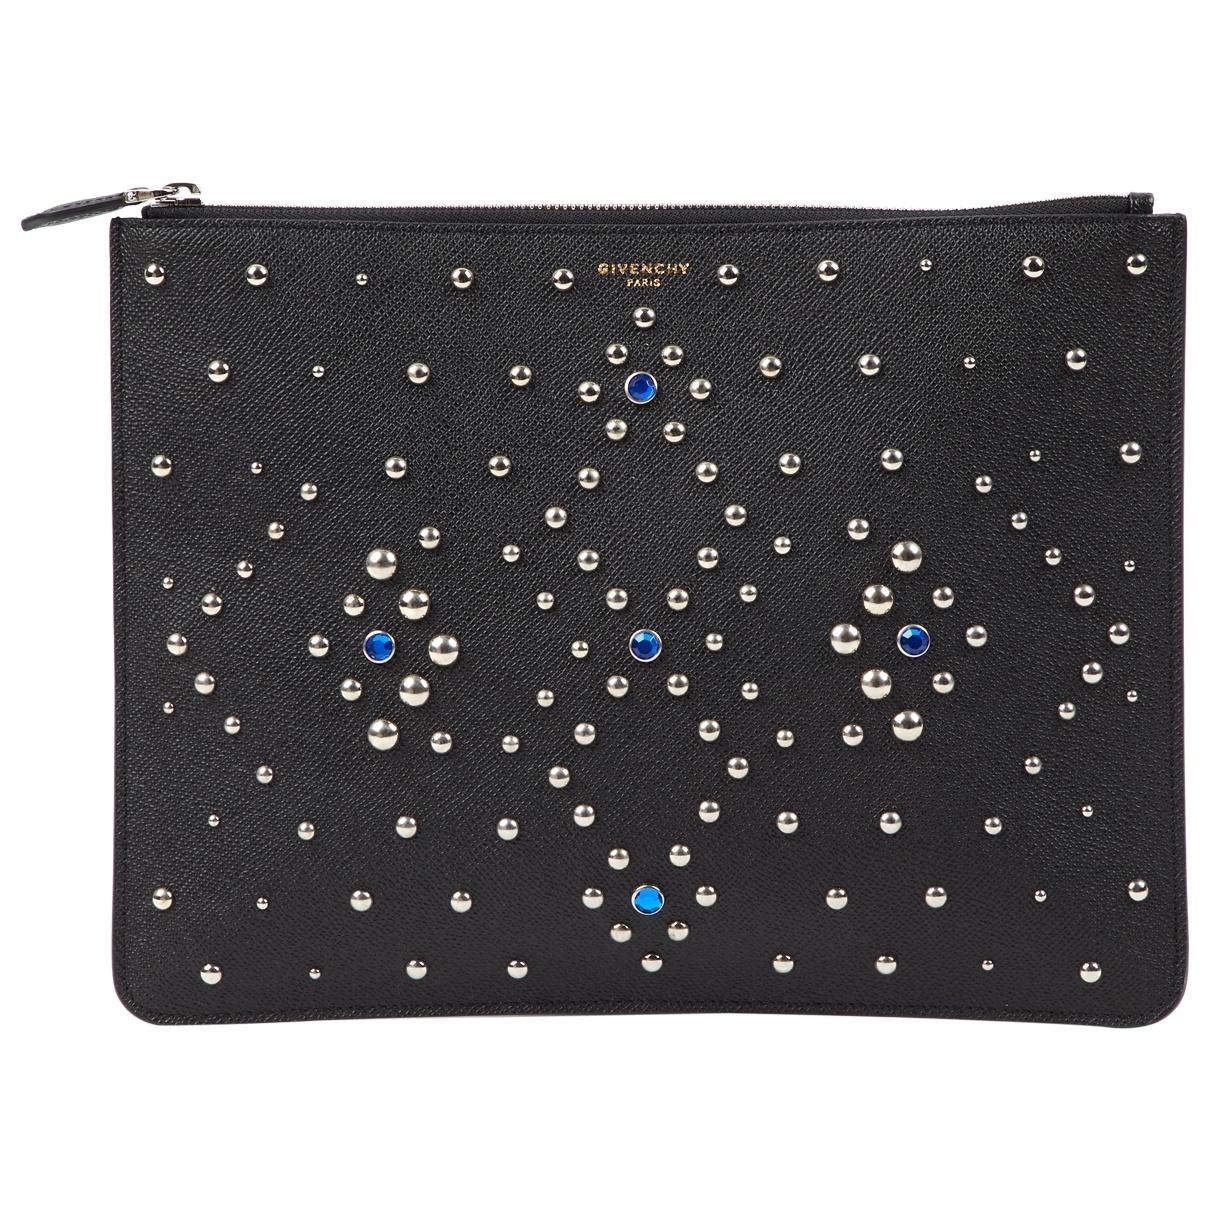 Billetero de Cuero Givenchy